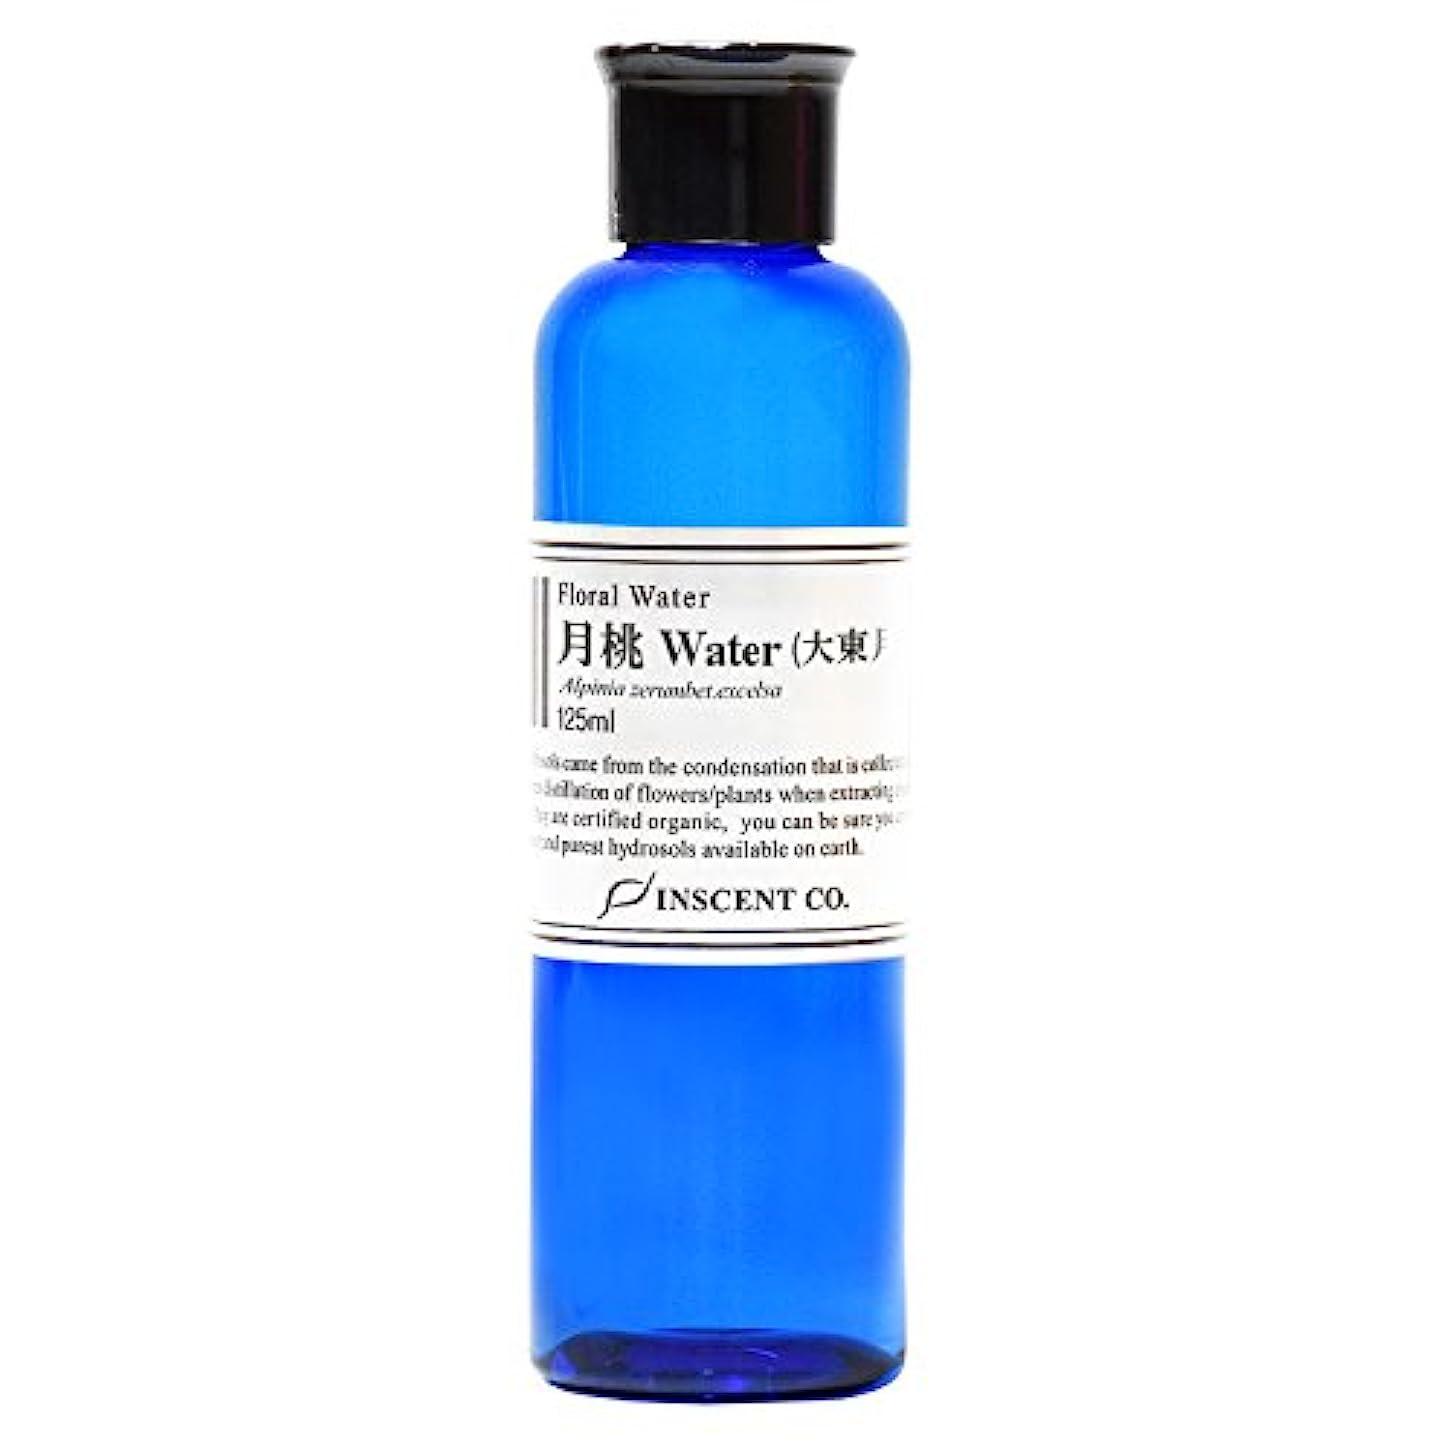 対抗豚長老フローラルウォーター 月桃 (げっとう) ウォーター (月桃水) 125ml (ハイドロゾル/芳香蒸留水) ※月桃独特の薬草が焦げたような香りがあります。